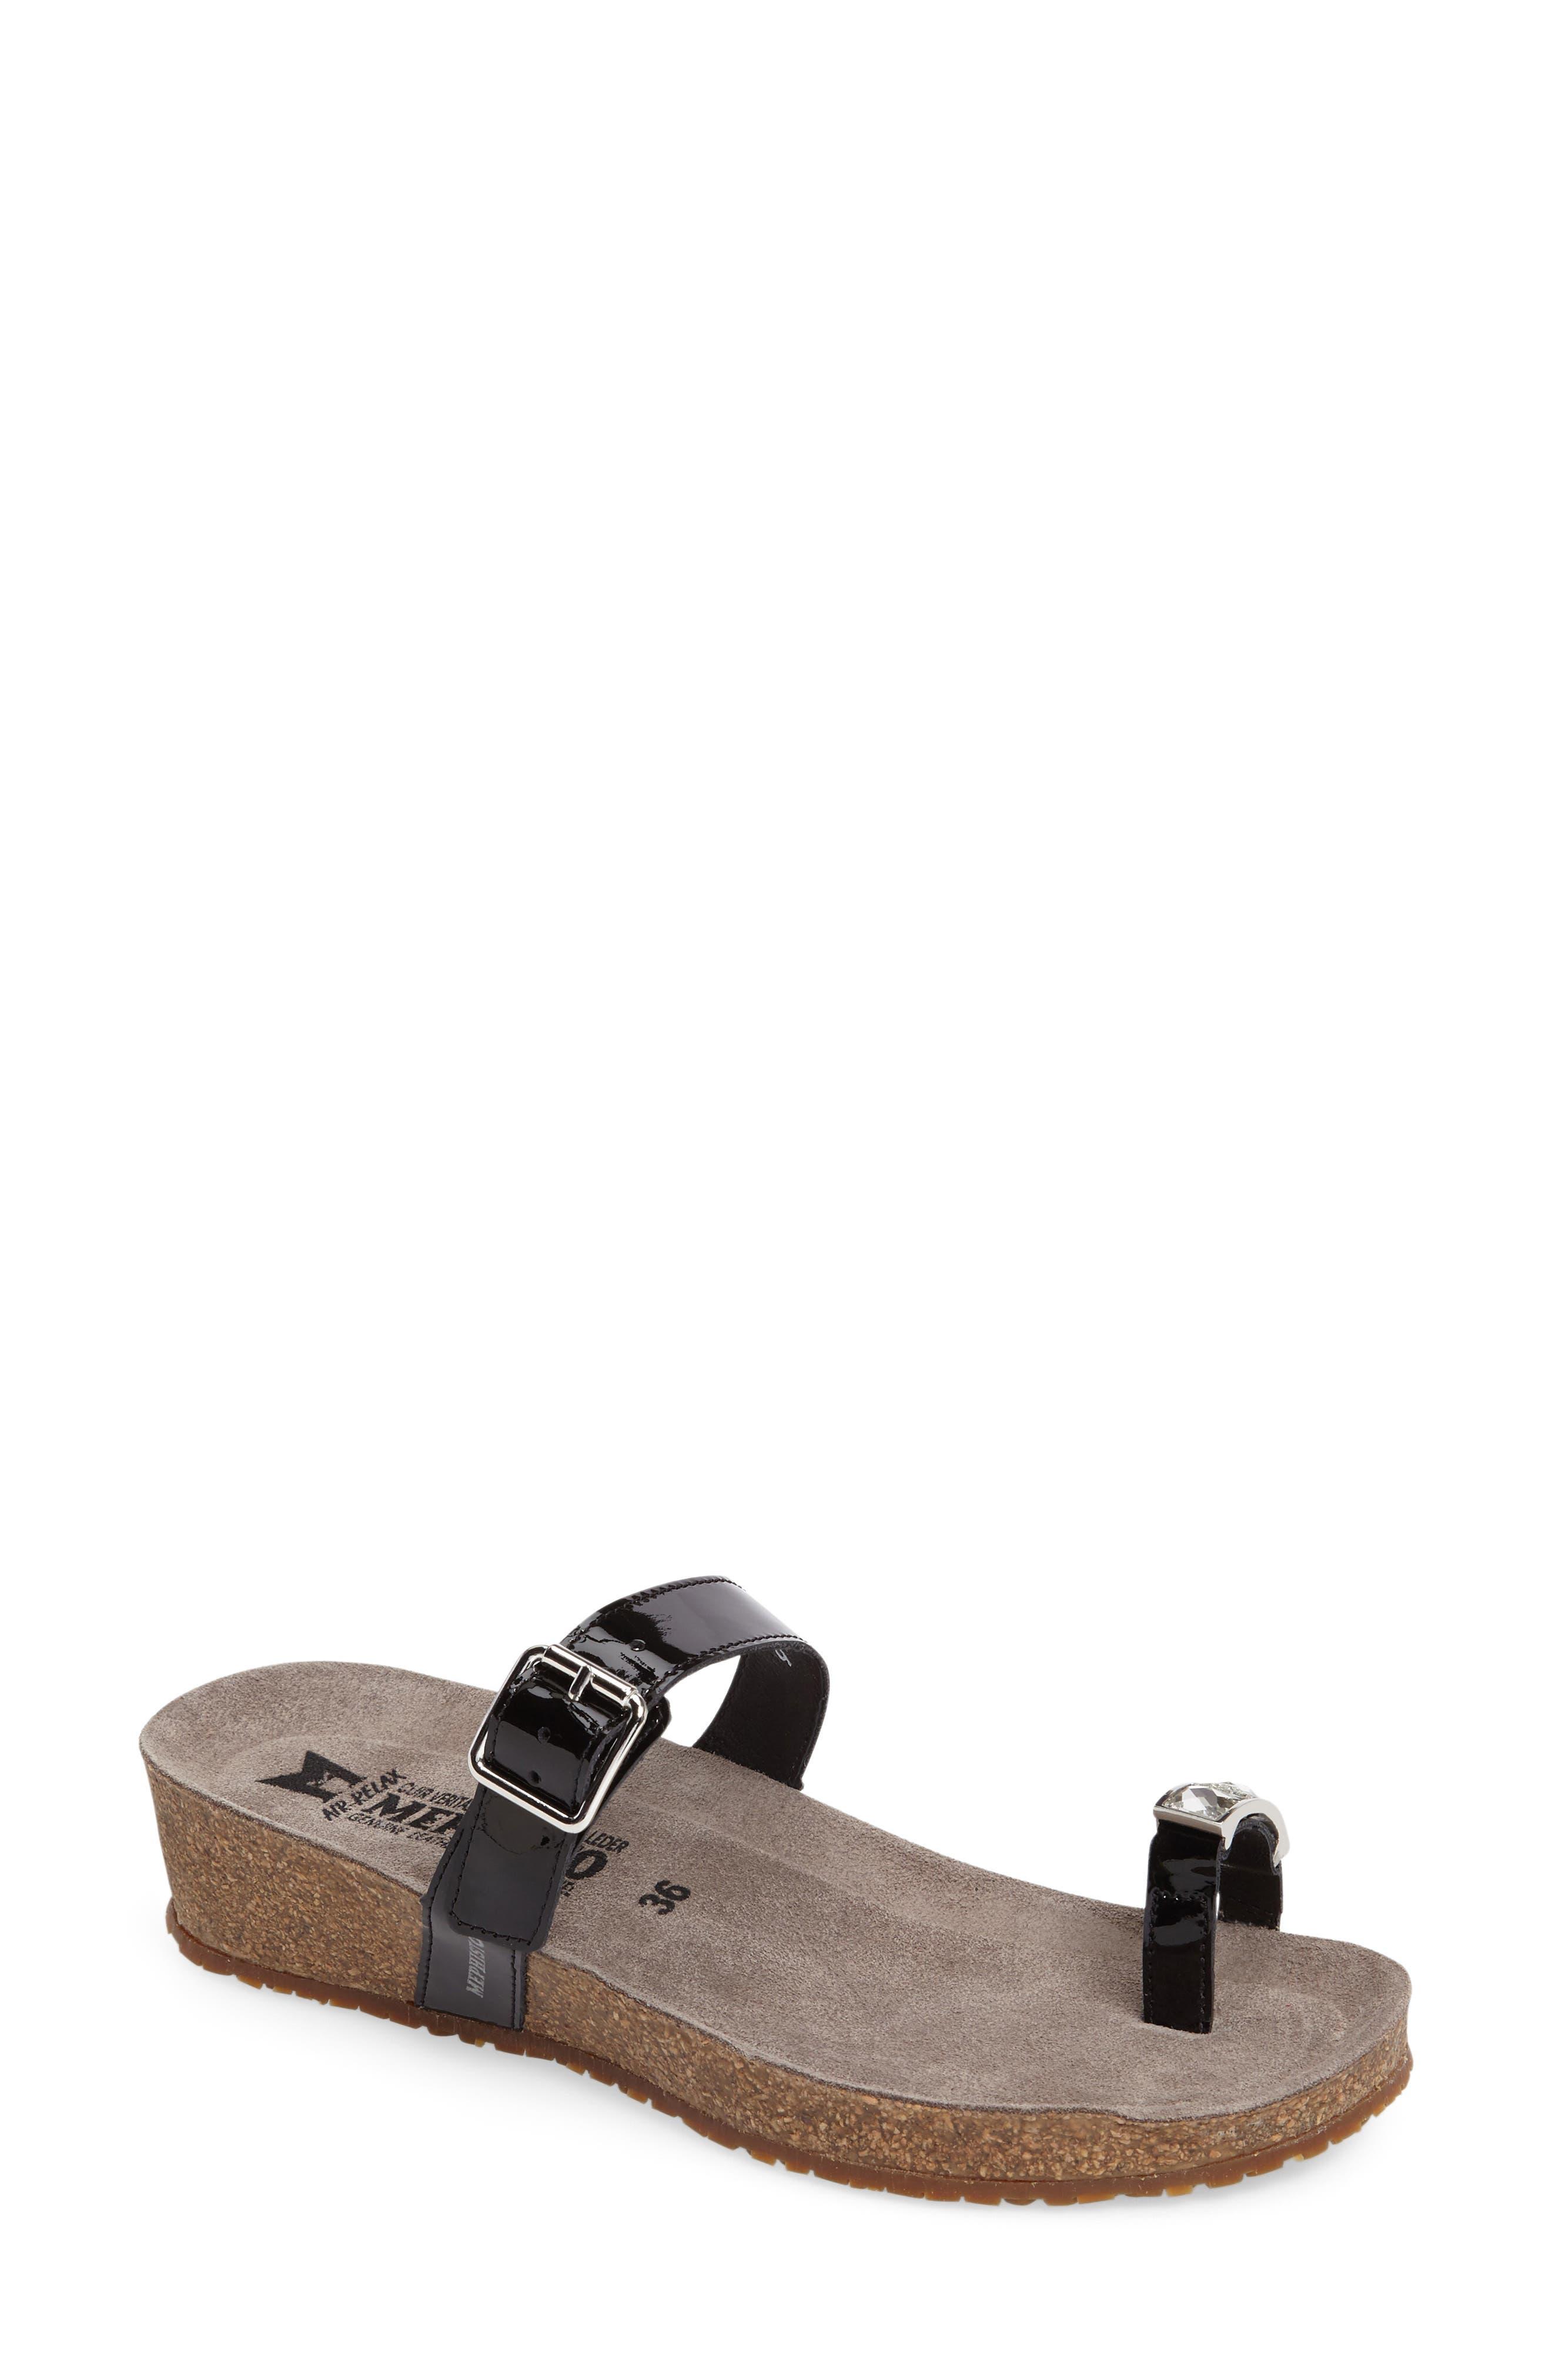 Mephisto Ilaria Embellished Wedge Sandal (Women)